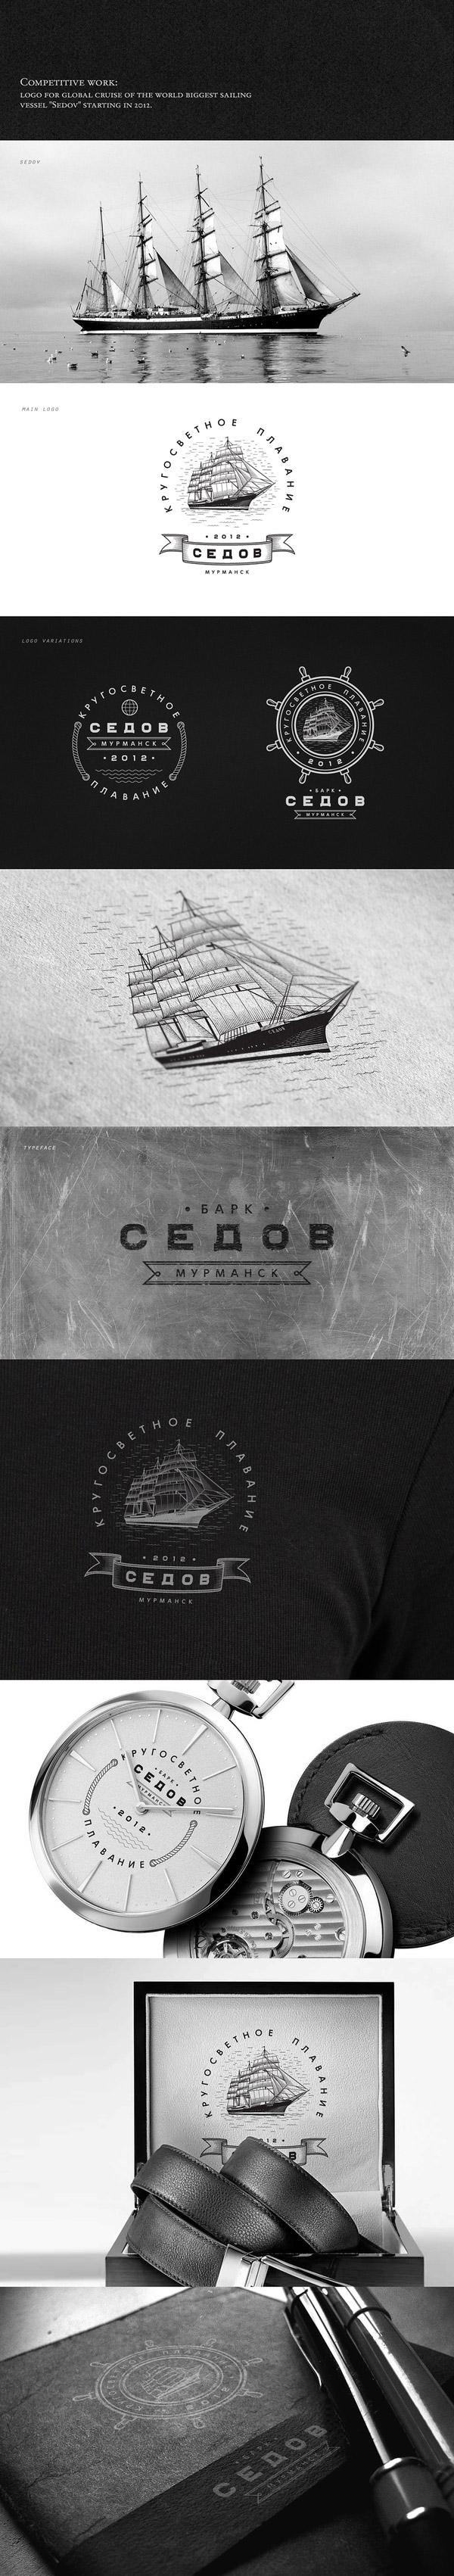 Pavel-Emelyanov-artist-13